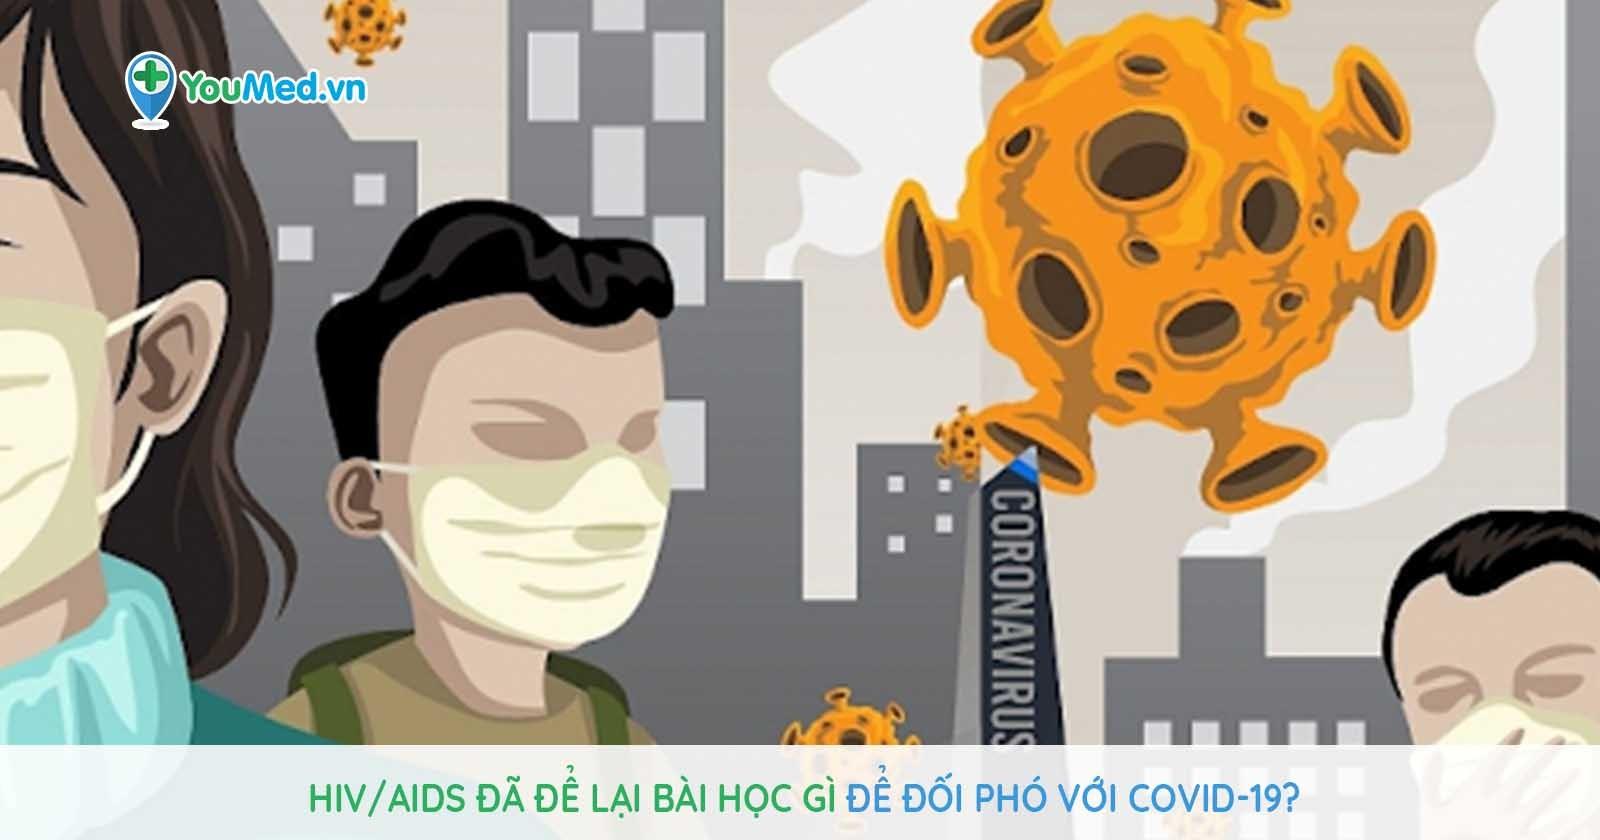 HIV/AIDS đã để lại bài học gì giúp chúng ta đối phó với Covid-19?